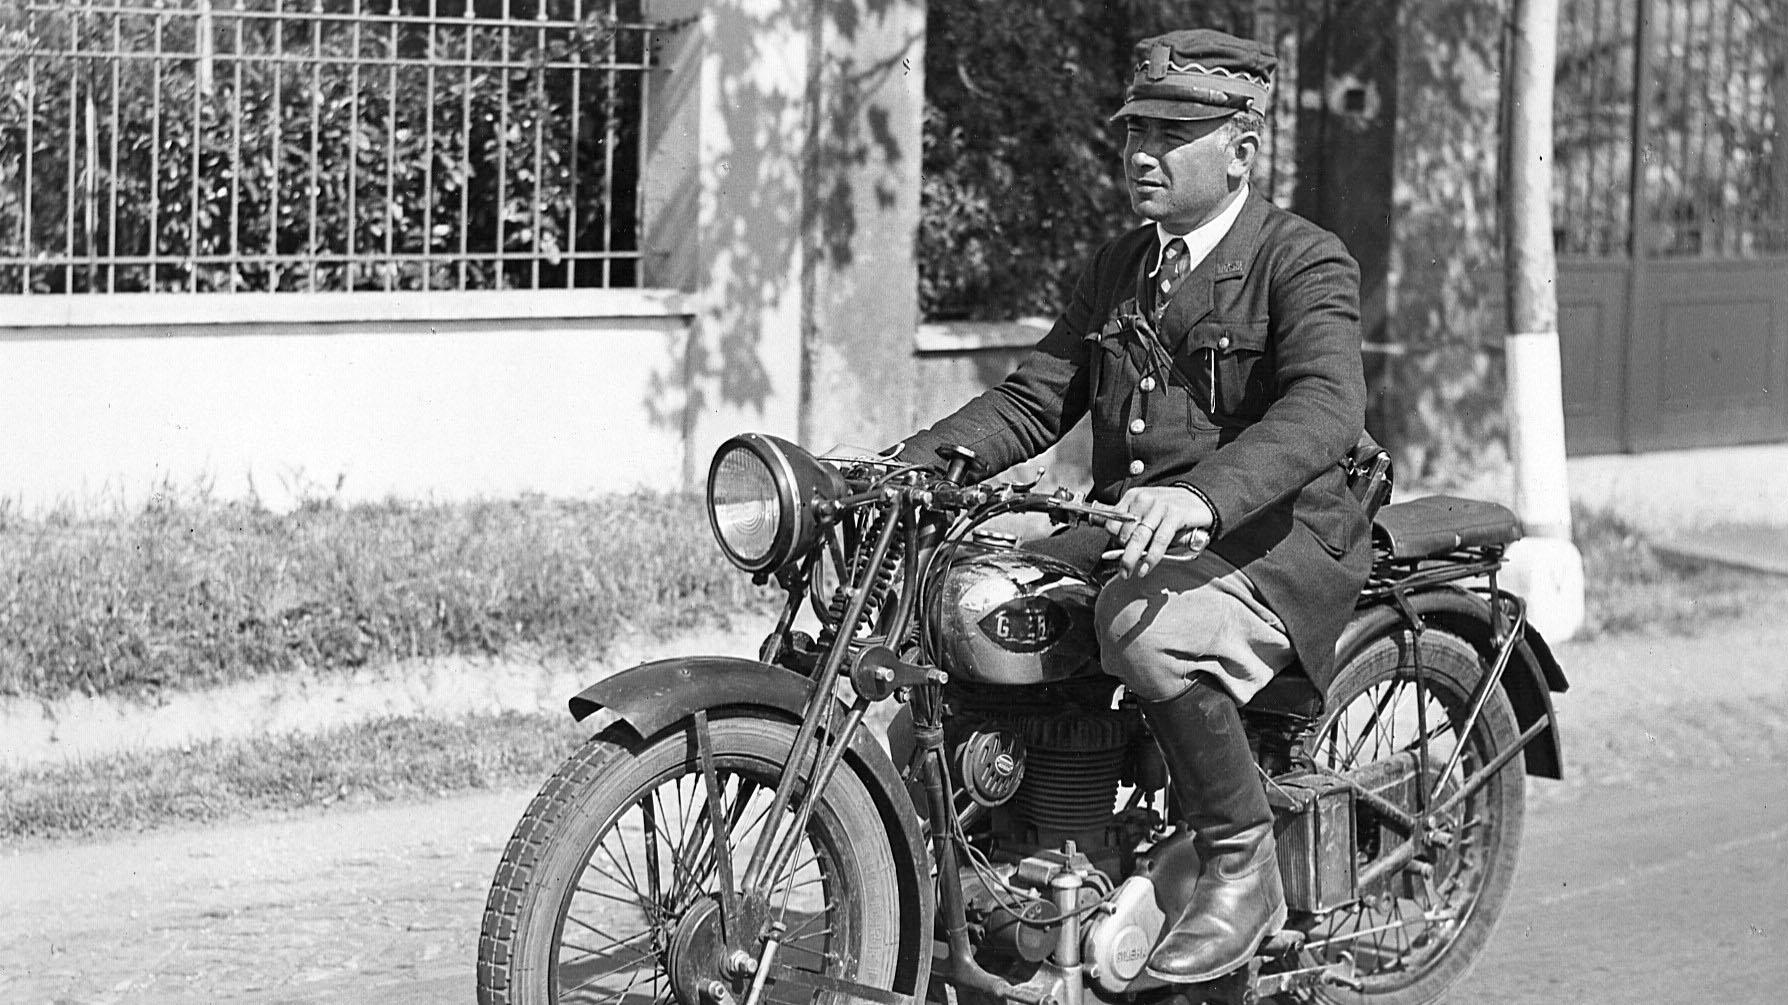 """Lazio, strada statale 2 """"Via Cassia"""", capo cantoniere AASS in moto (Archivio storico Anas)"""